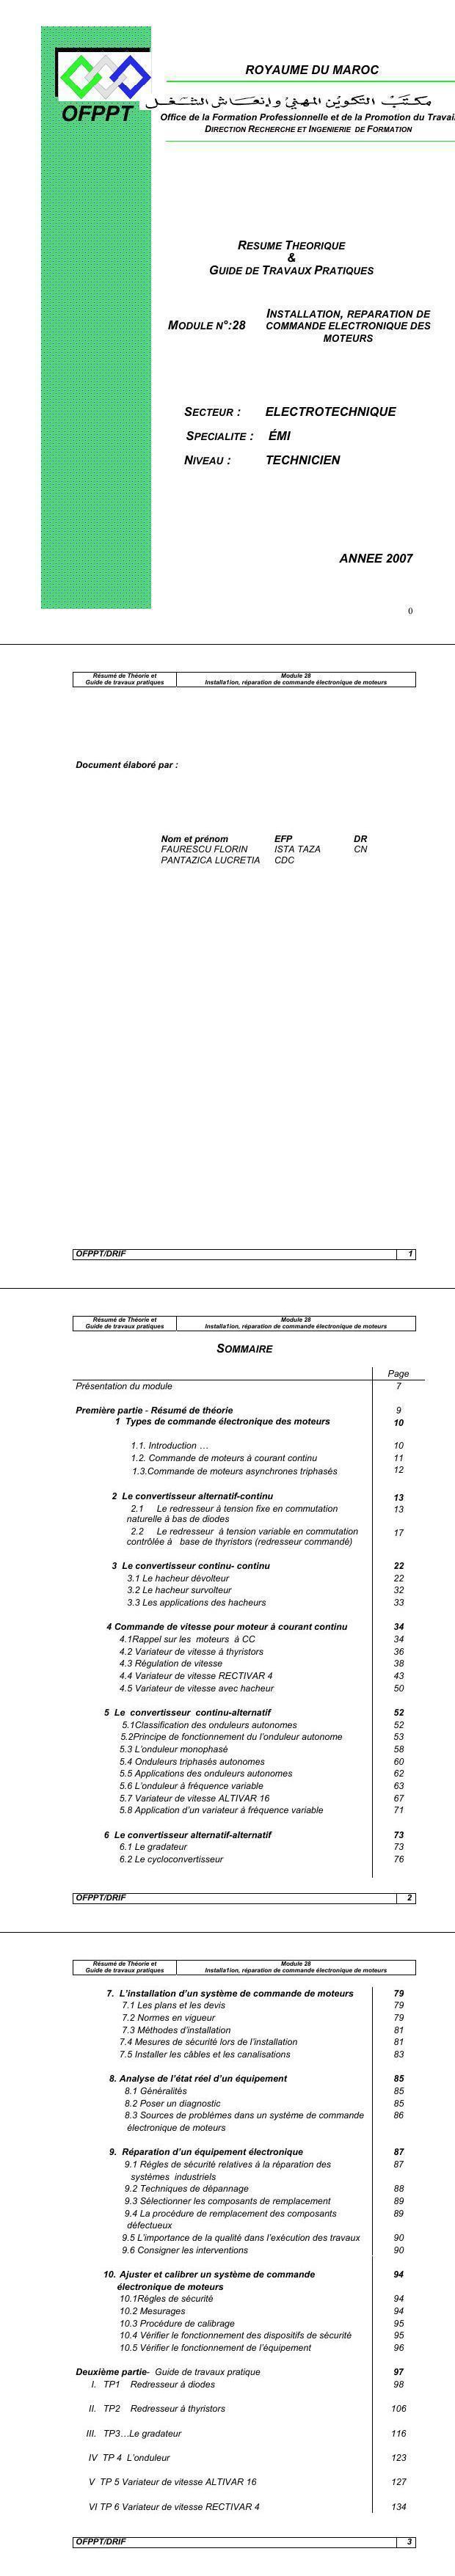 PDF] Cours electricite : installation des commande electronique des